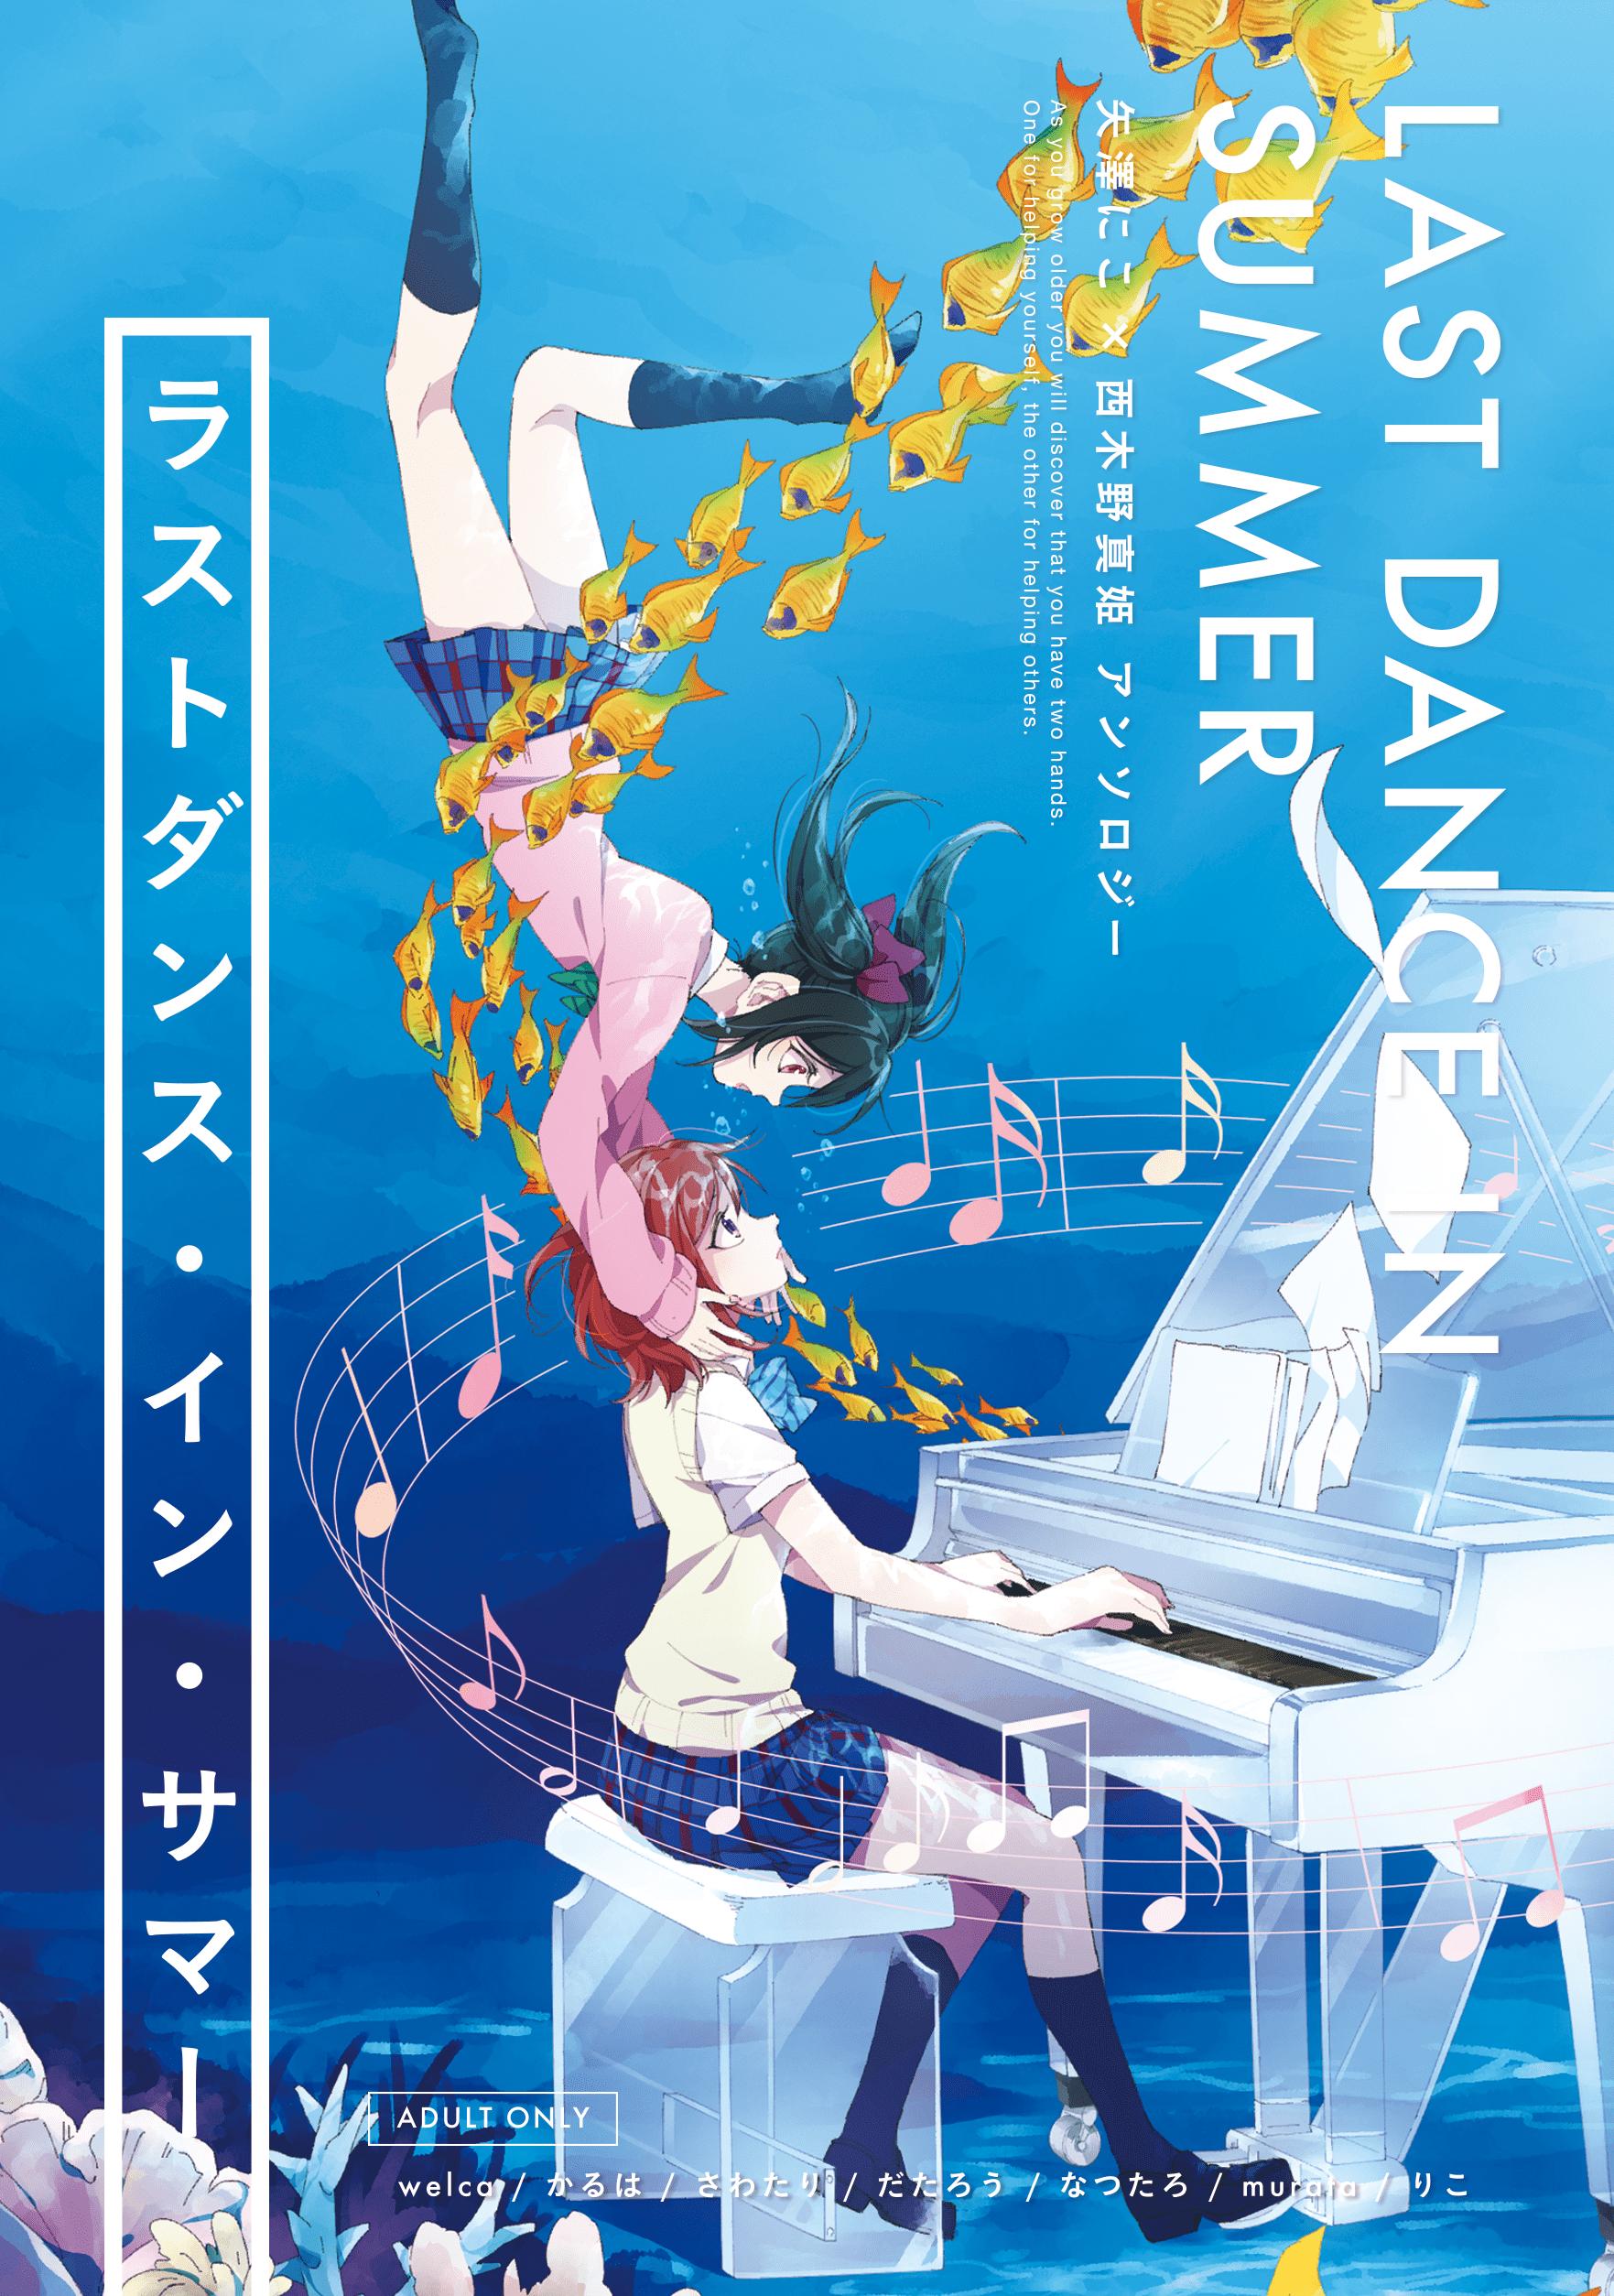 ラストダンス・イン・サマー